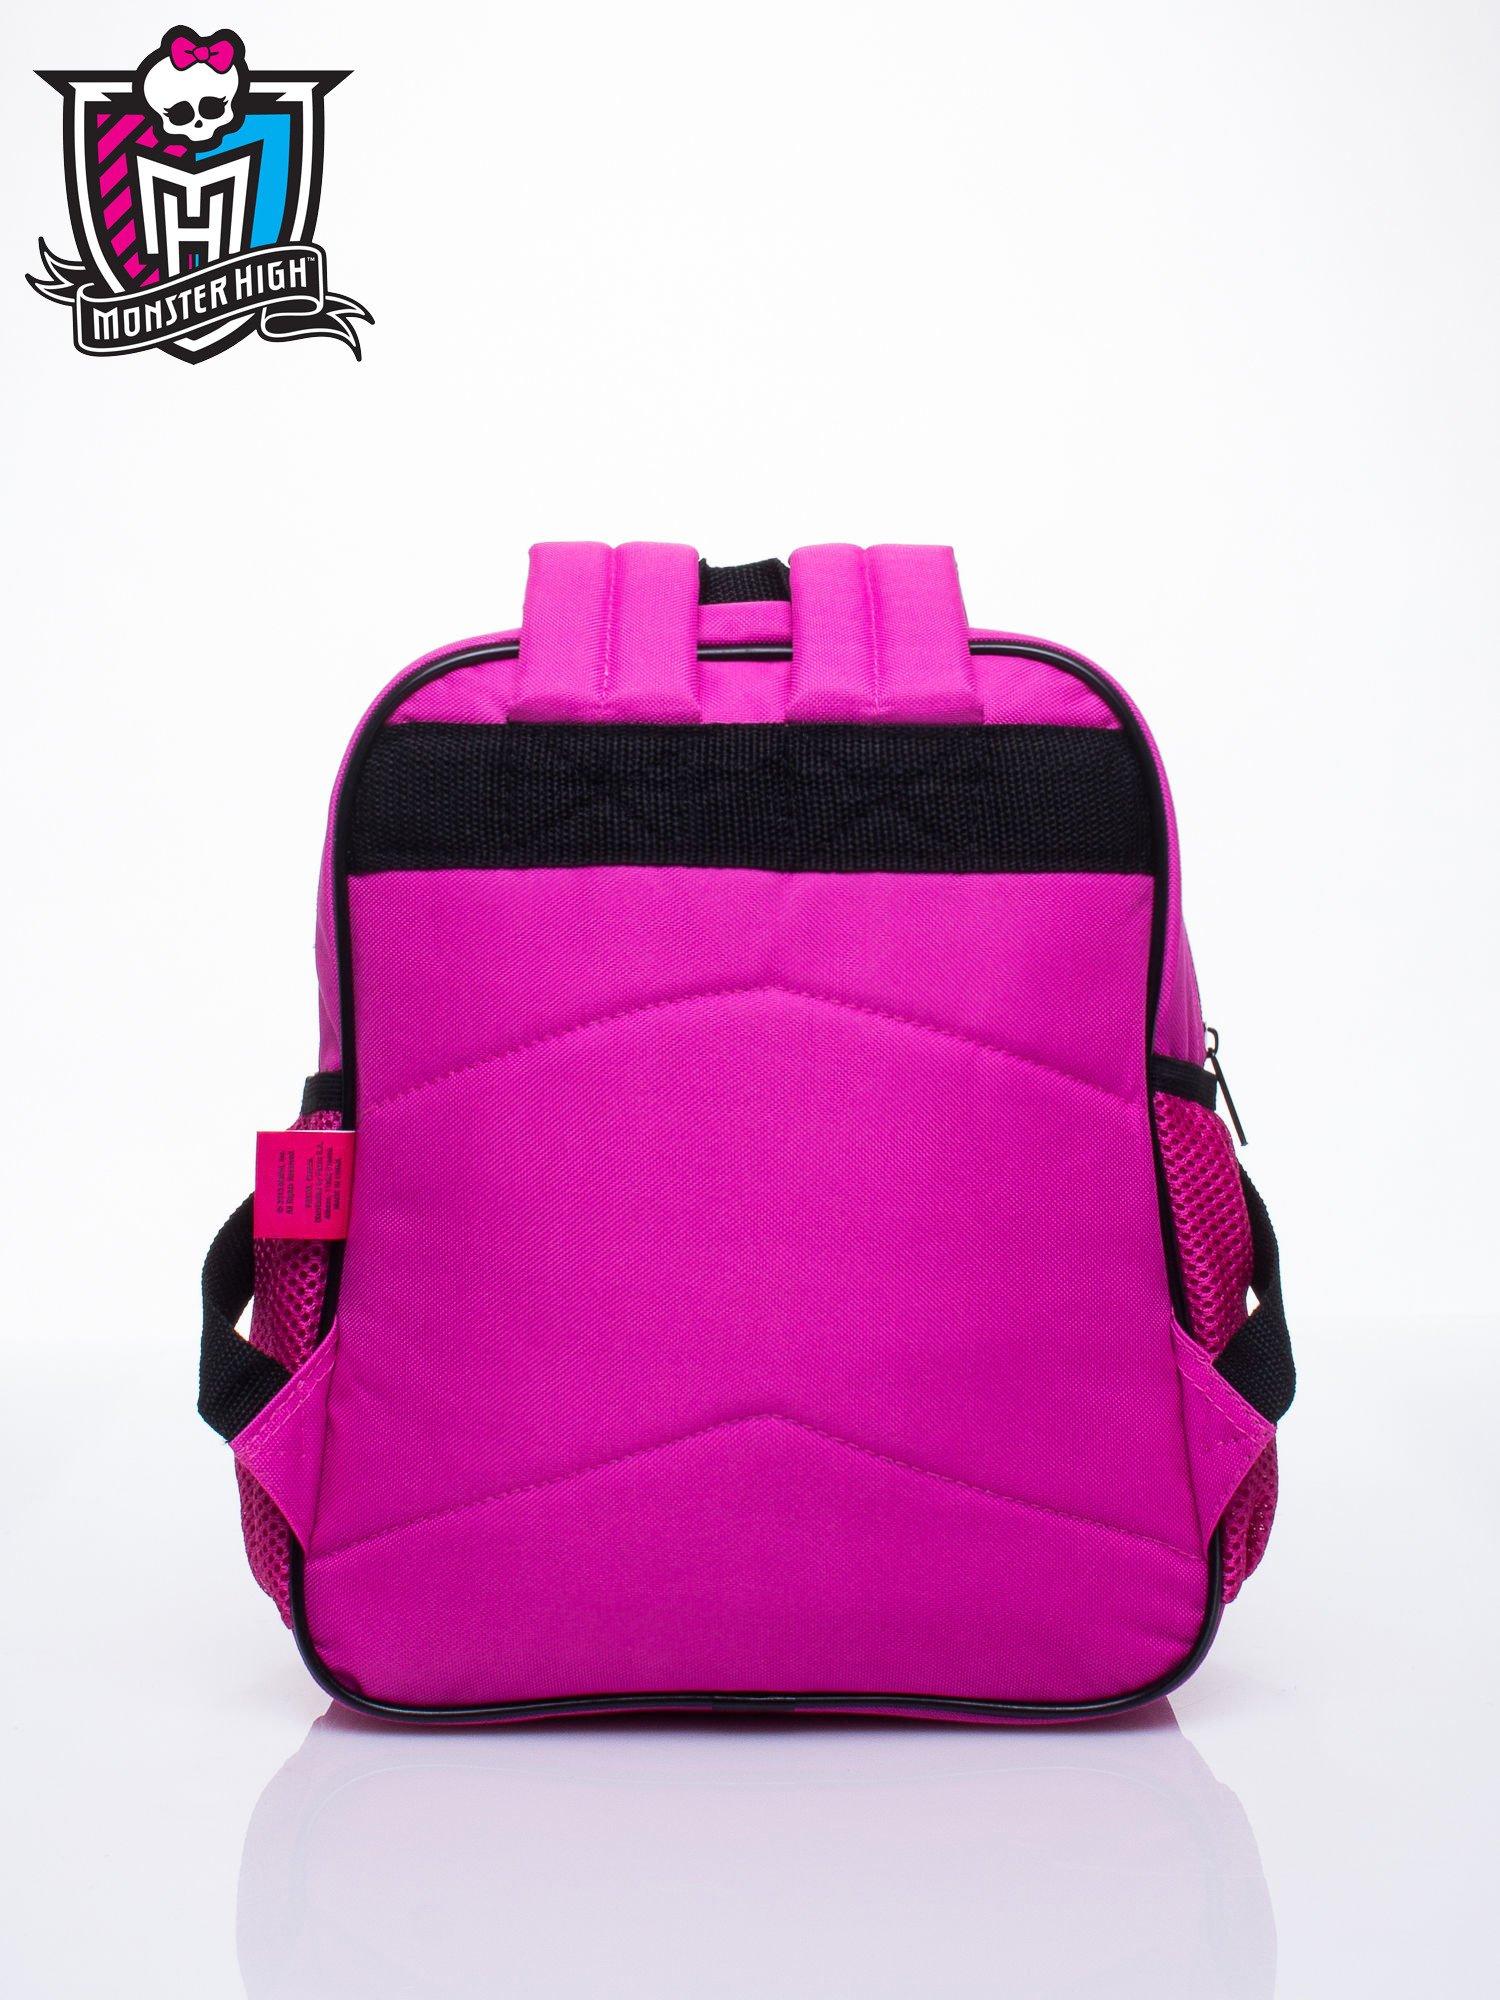 Różowy plecak dla dziewczynki DISNEY Monster High                                  zdj.                                  4